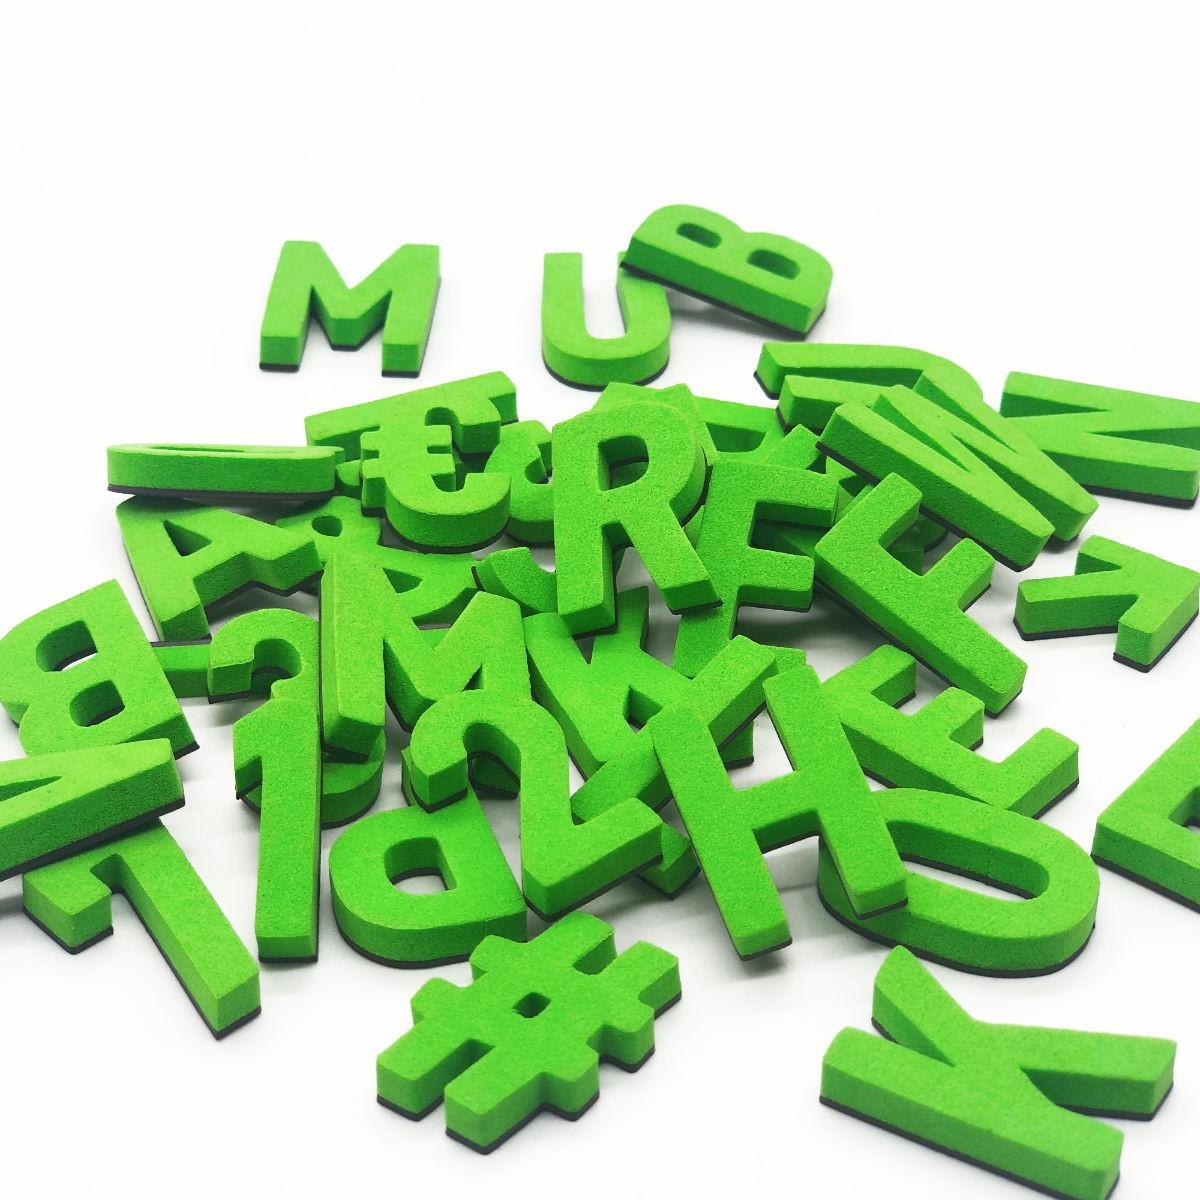 Set mit 200 Magnetbuchstaben, Zahlen & Sonderzeichen. GENIE GRÜN!